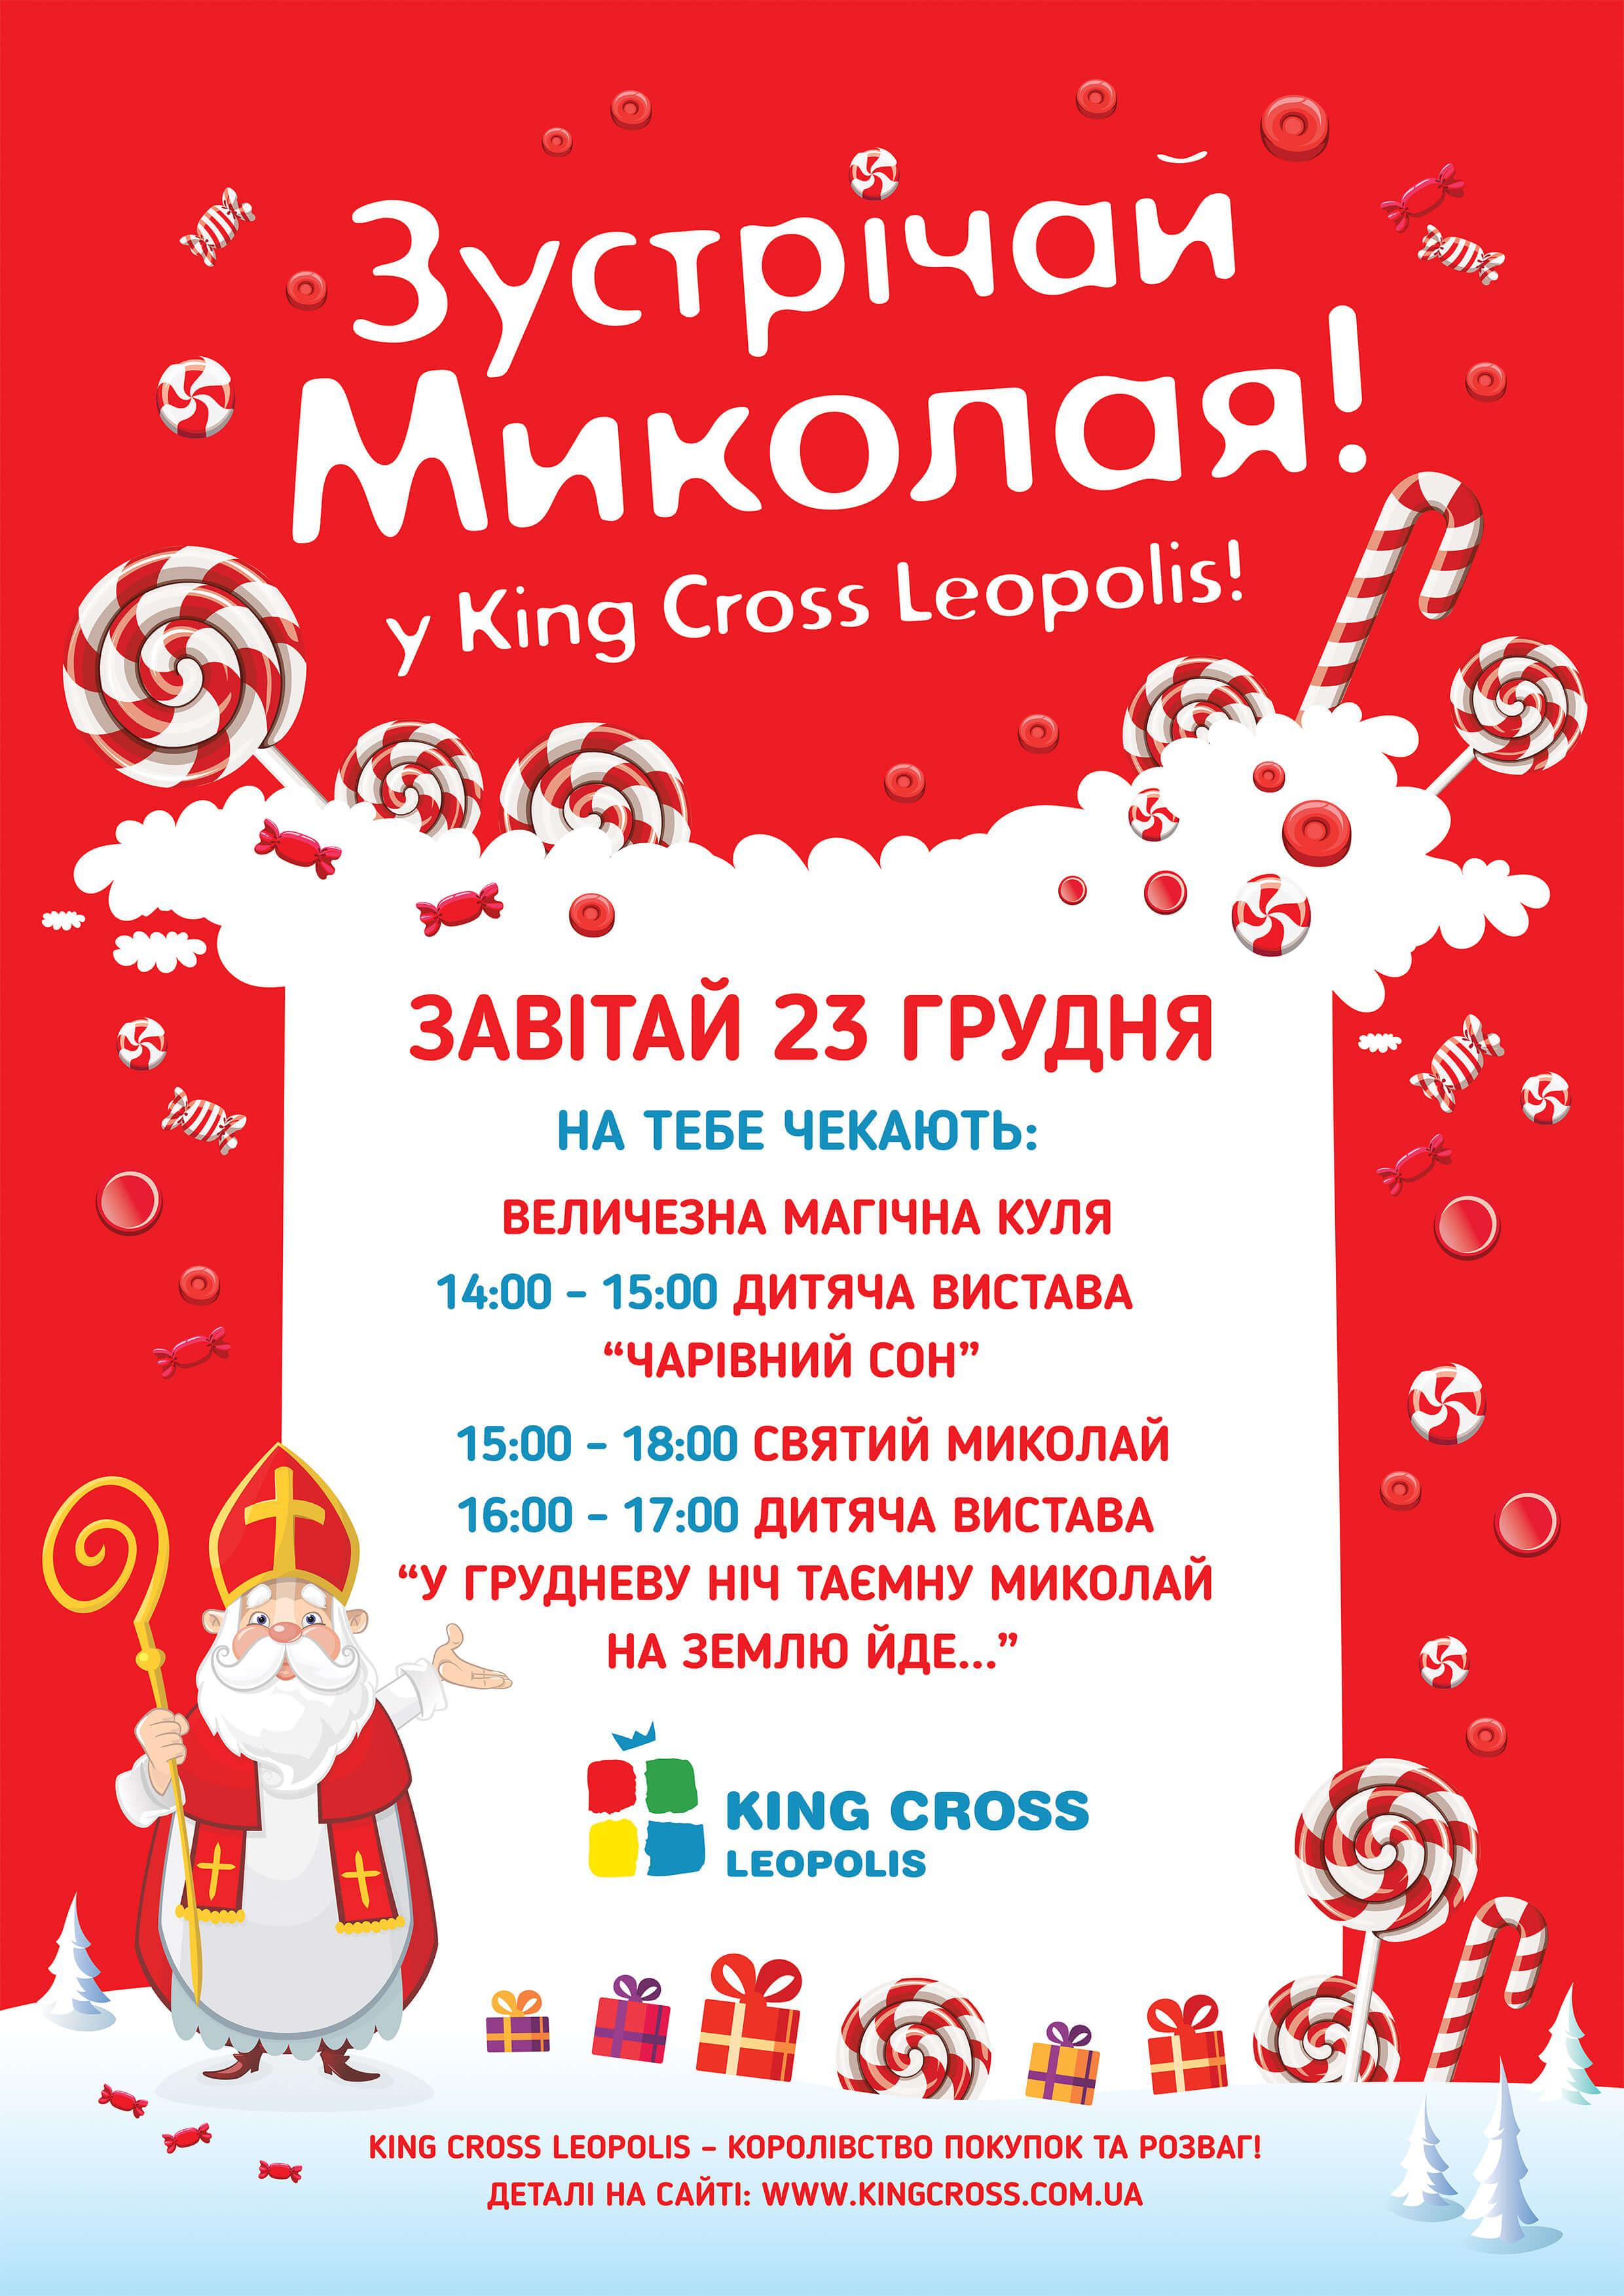 Зустрічай Миколая в King Cross Leopolis!